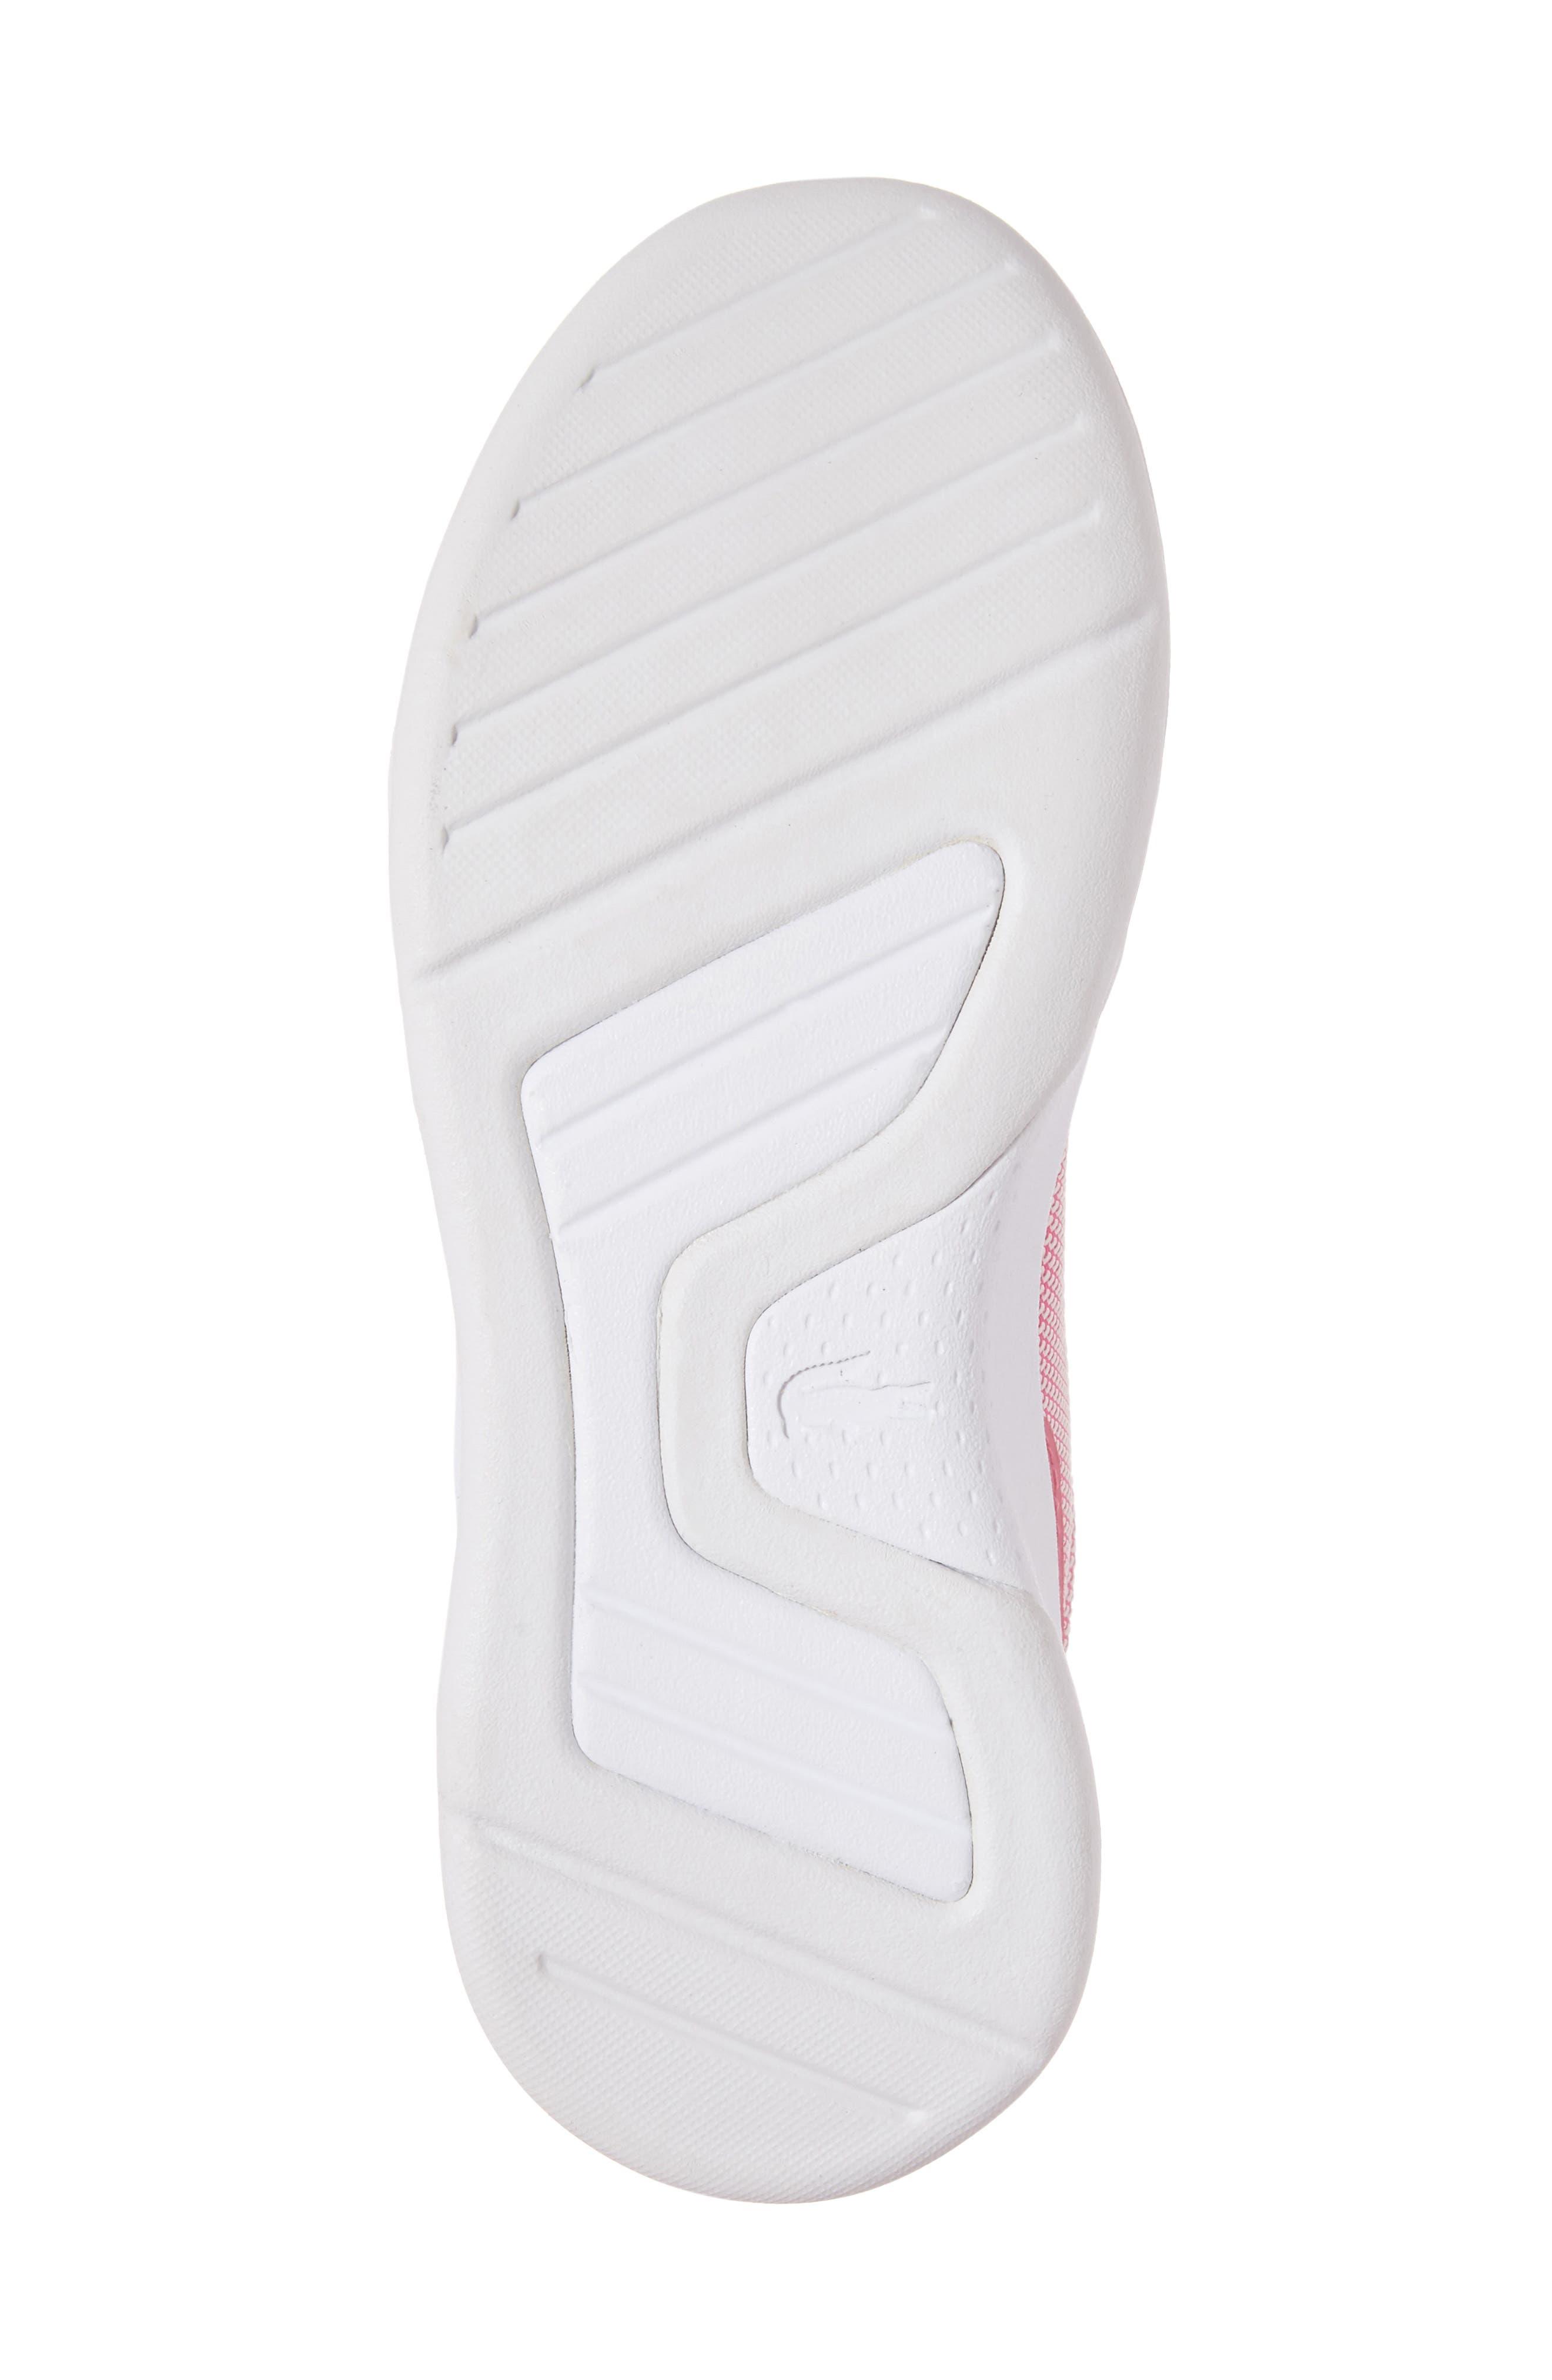 LT Spirit Woven Sneaker,                             Alternate thumbnail 6, color,                             Pink/ White